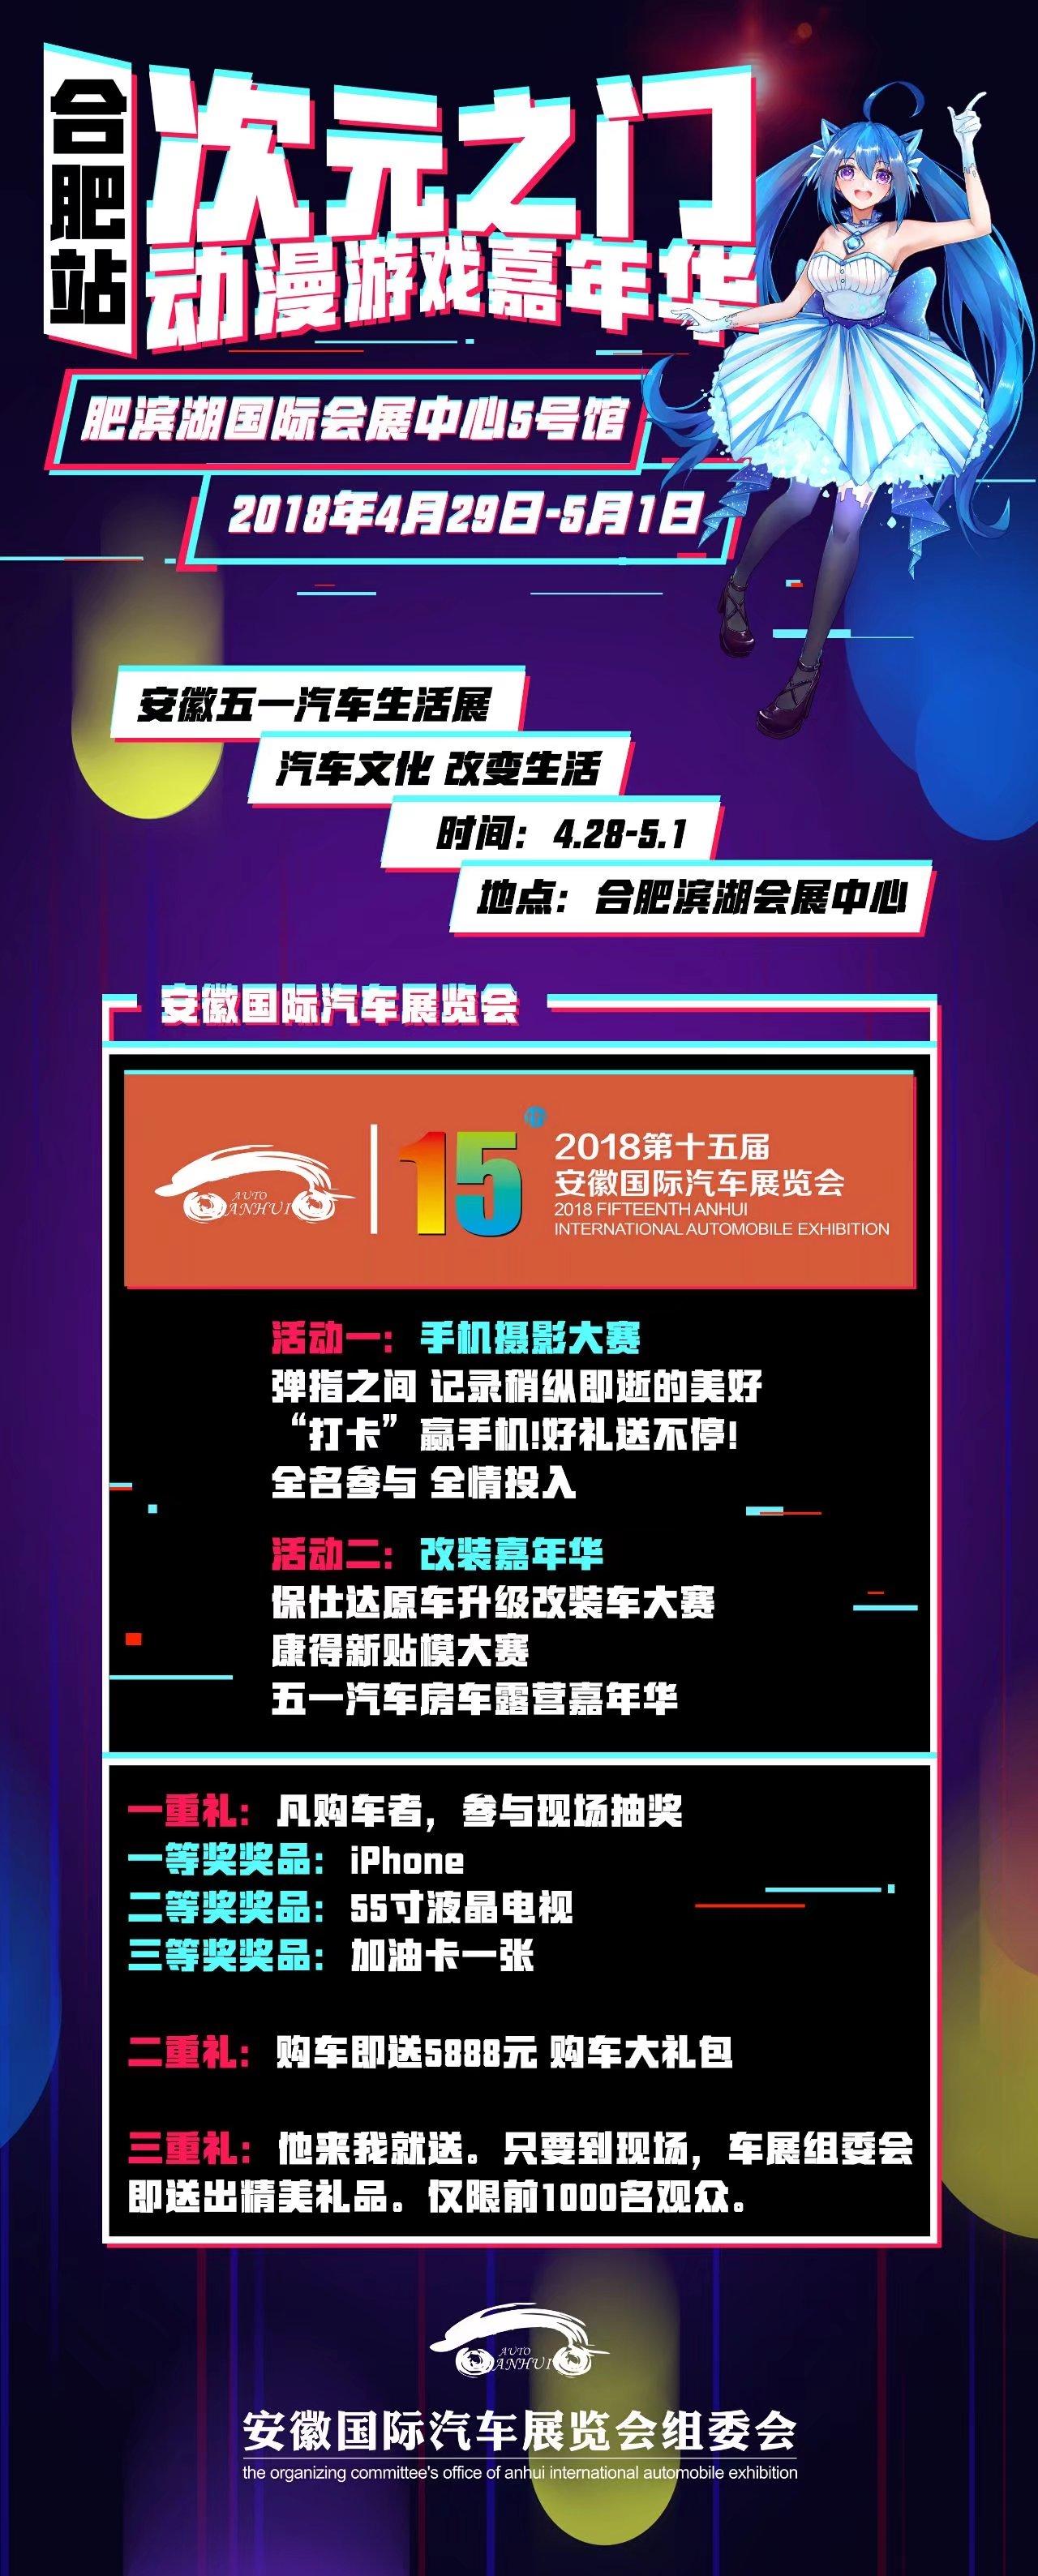 次元之门动漫游戏嘉年华-合肥站-ANICOGA